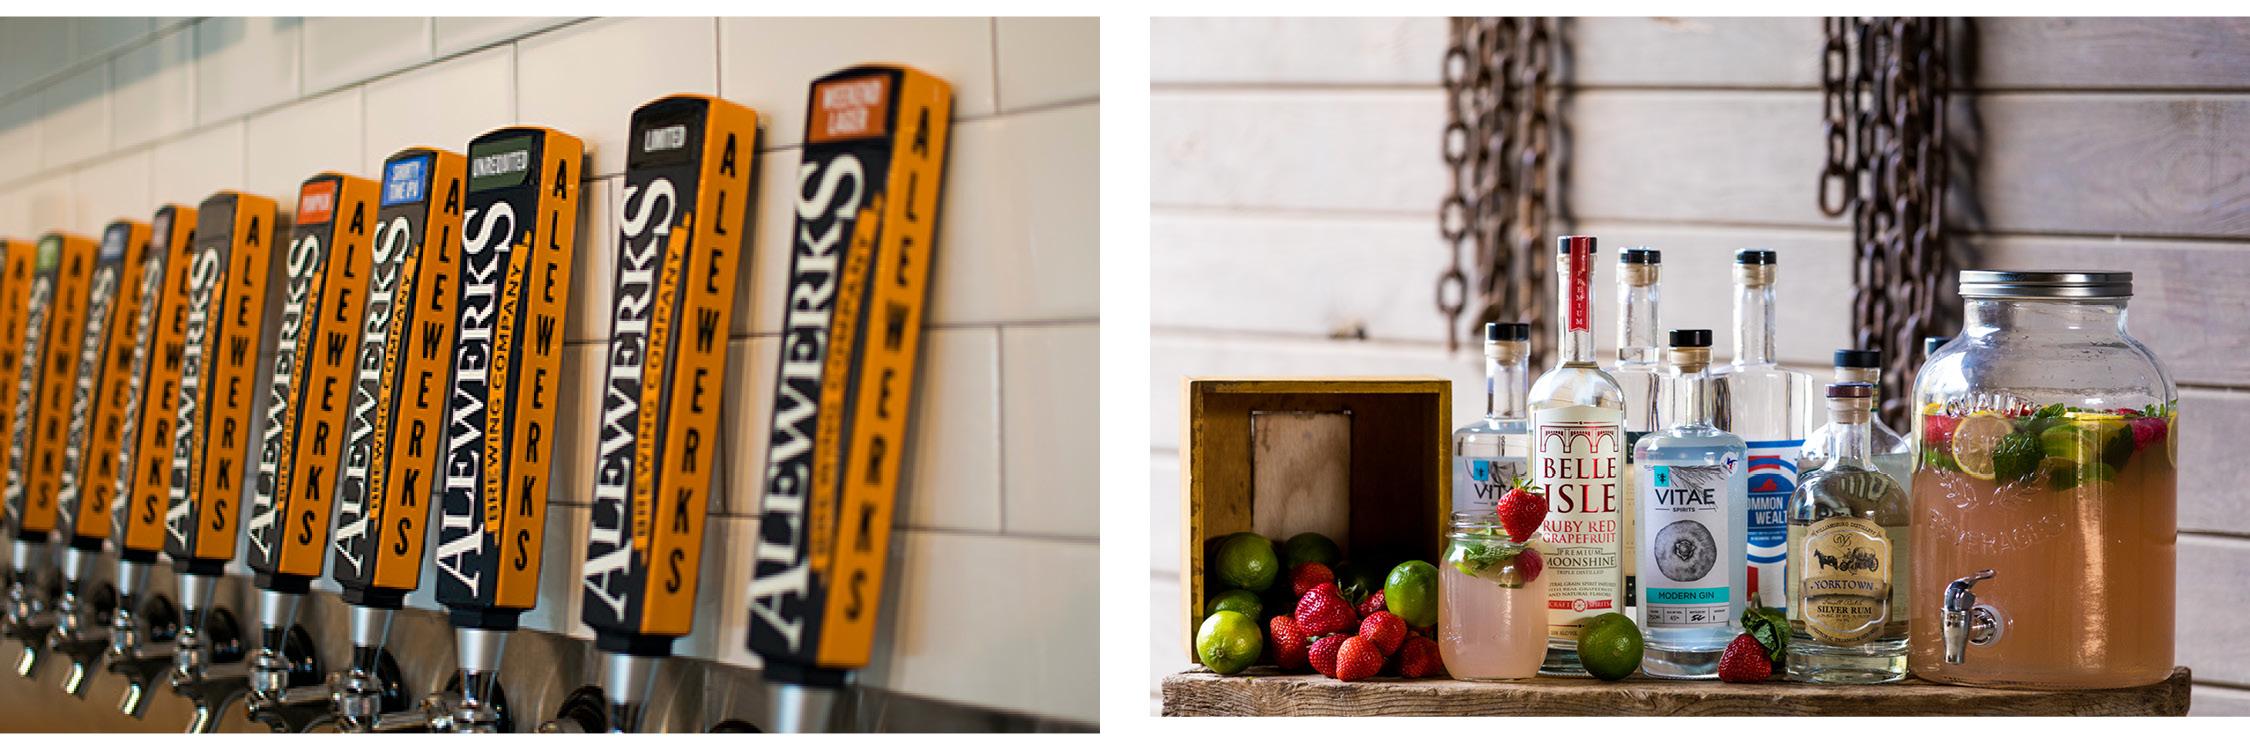 Images: Alewerks Brewing Company / VASpirits - Kate Magee